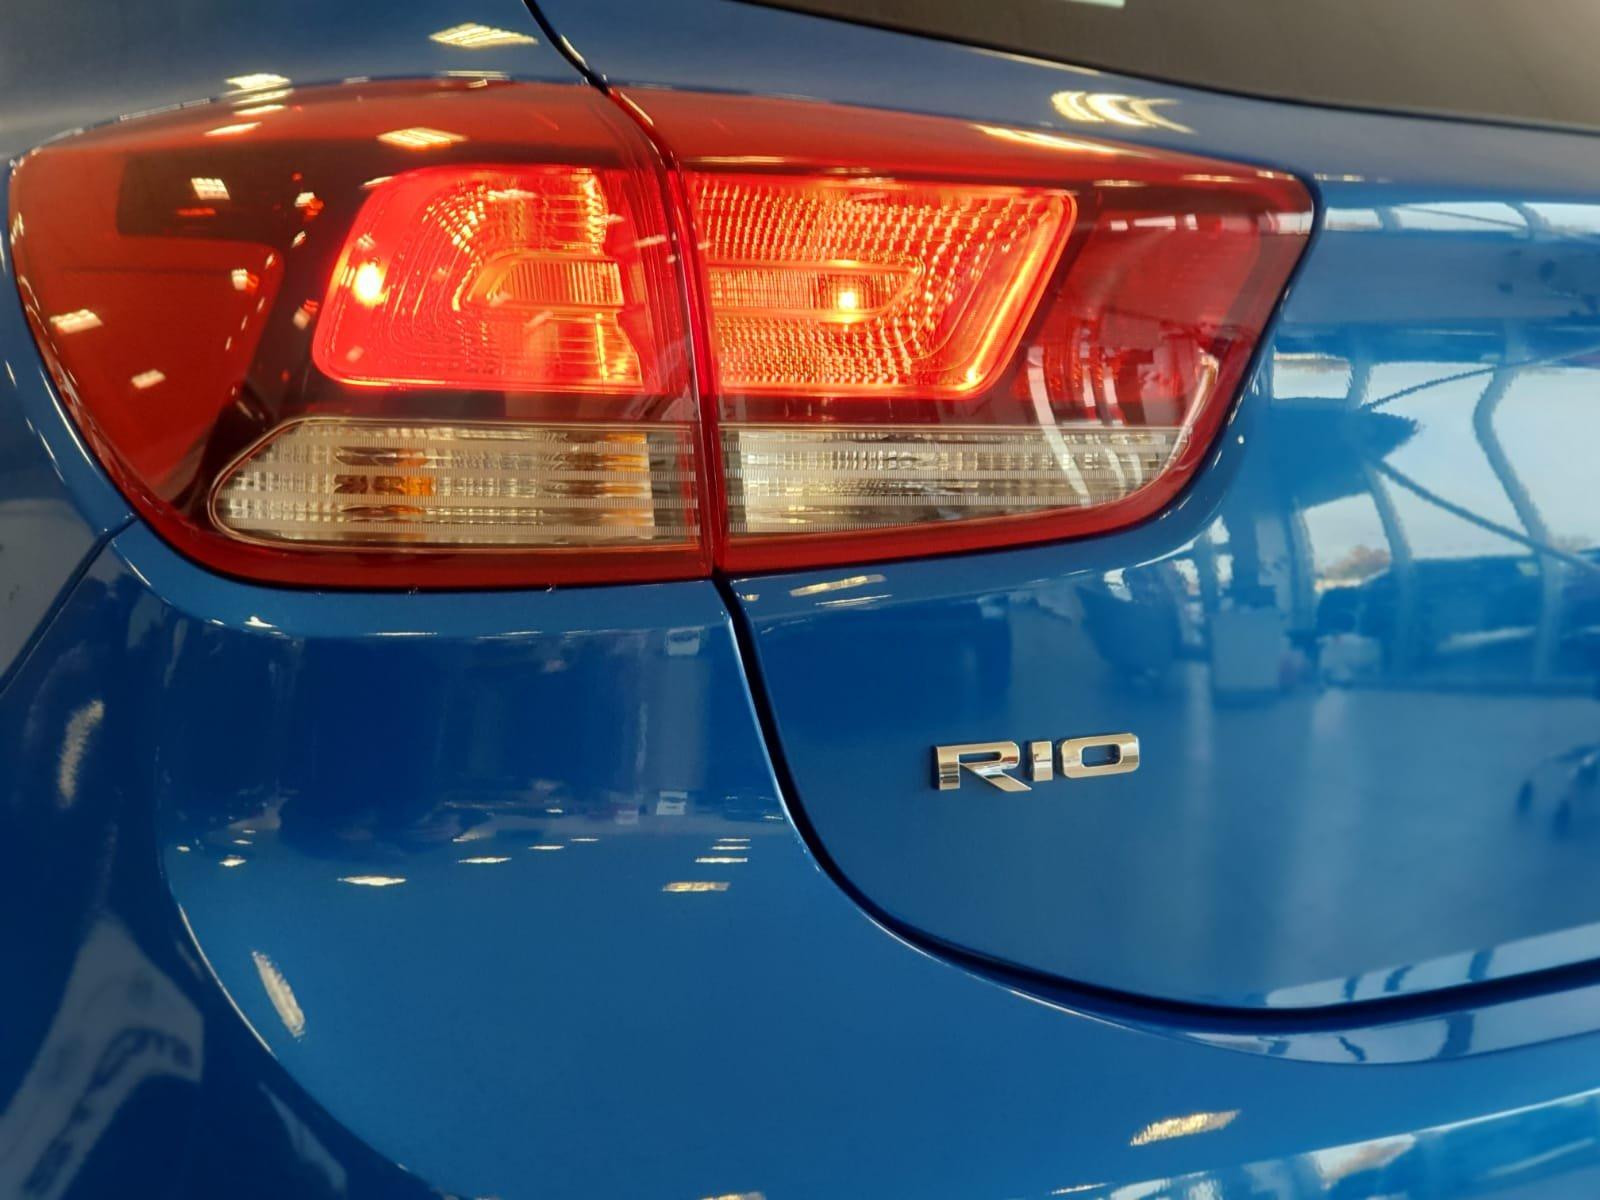 New Kia Rio Colour - Azure Blue